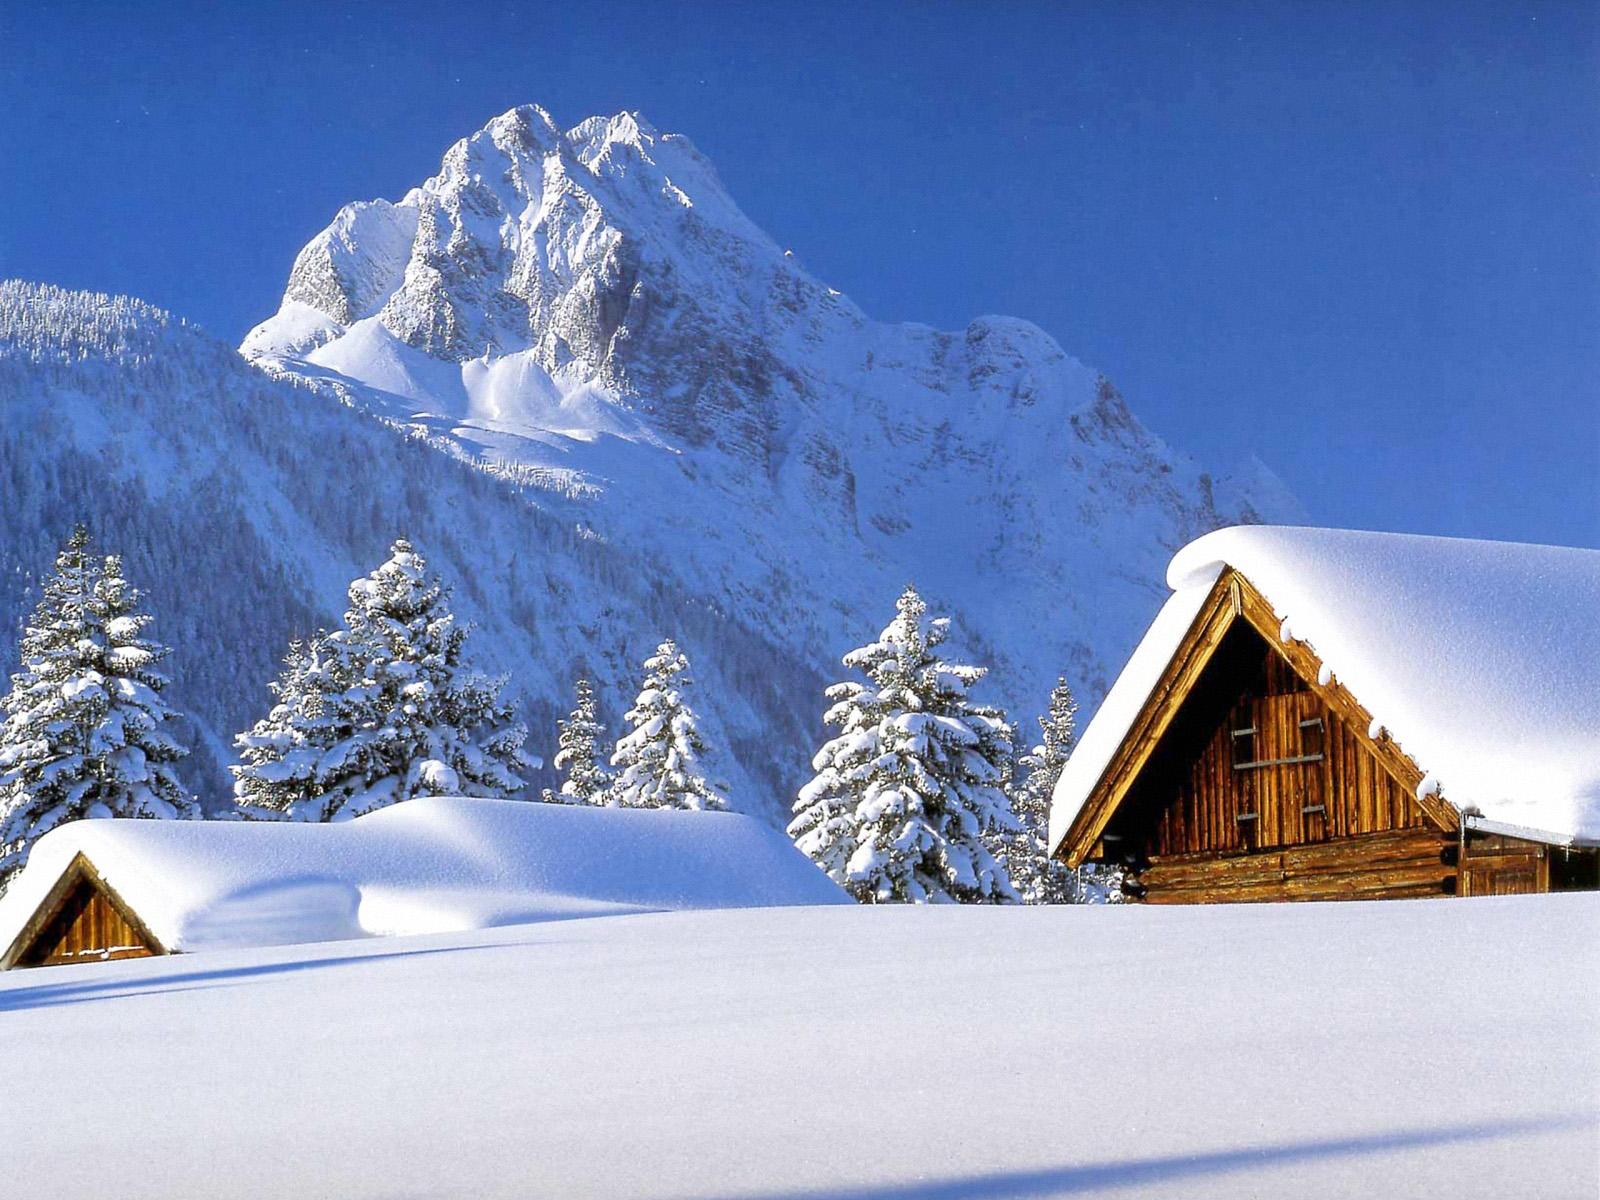 Winter Scenes 1600x1200 Wallpapers, 1600x1200 Wallpapers ...